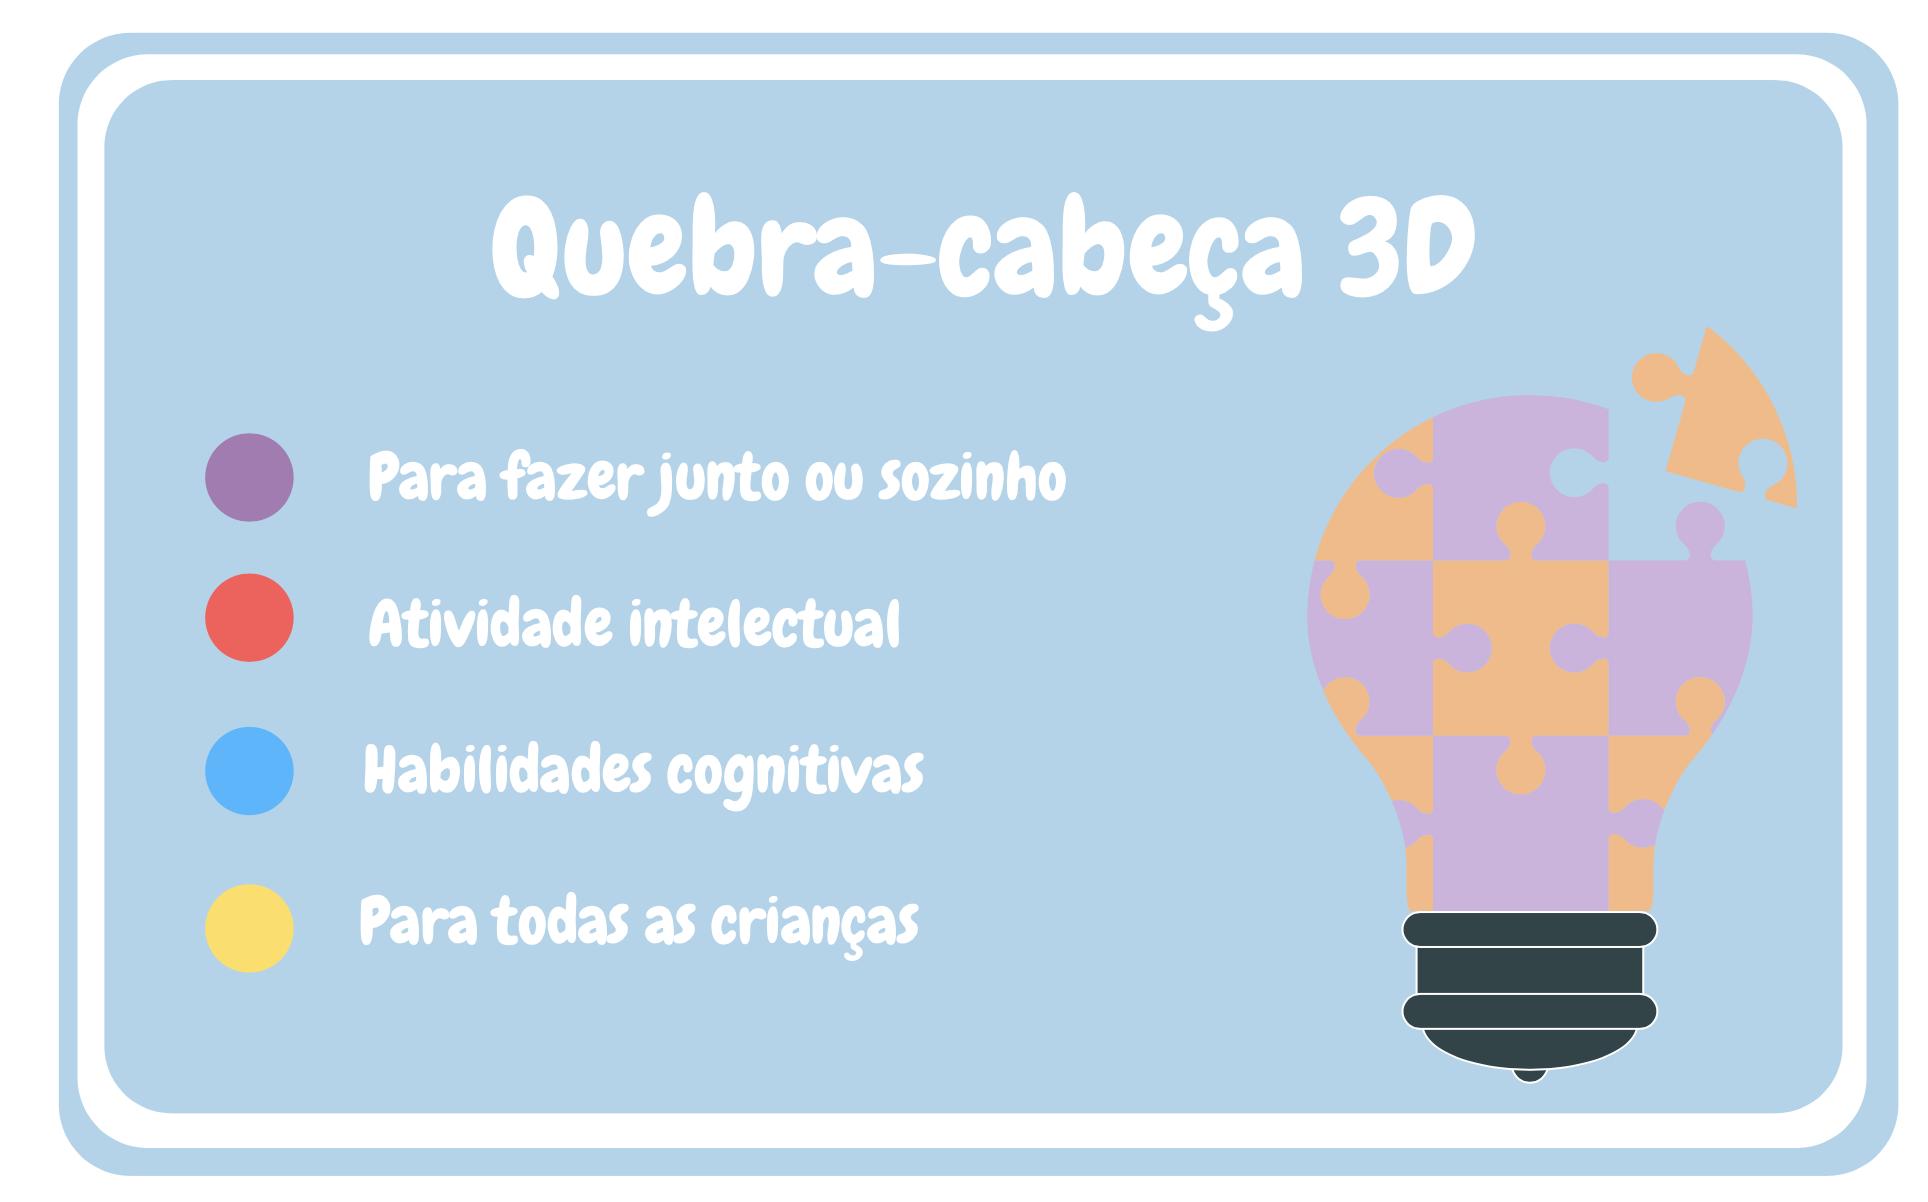 Quebra-cabeça3D